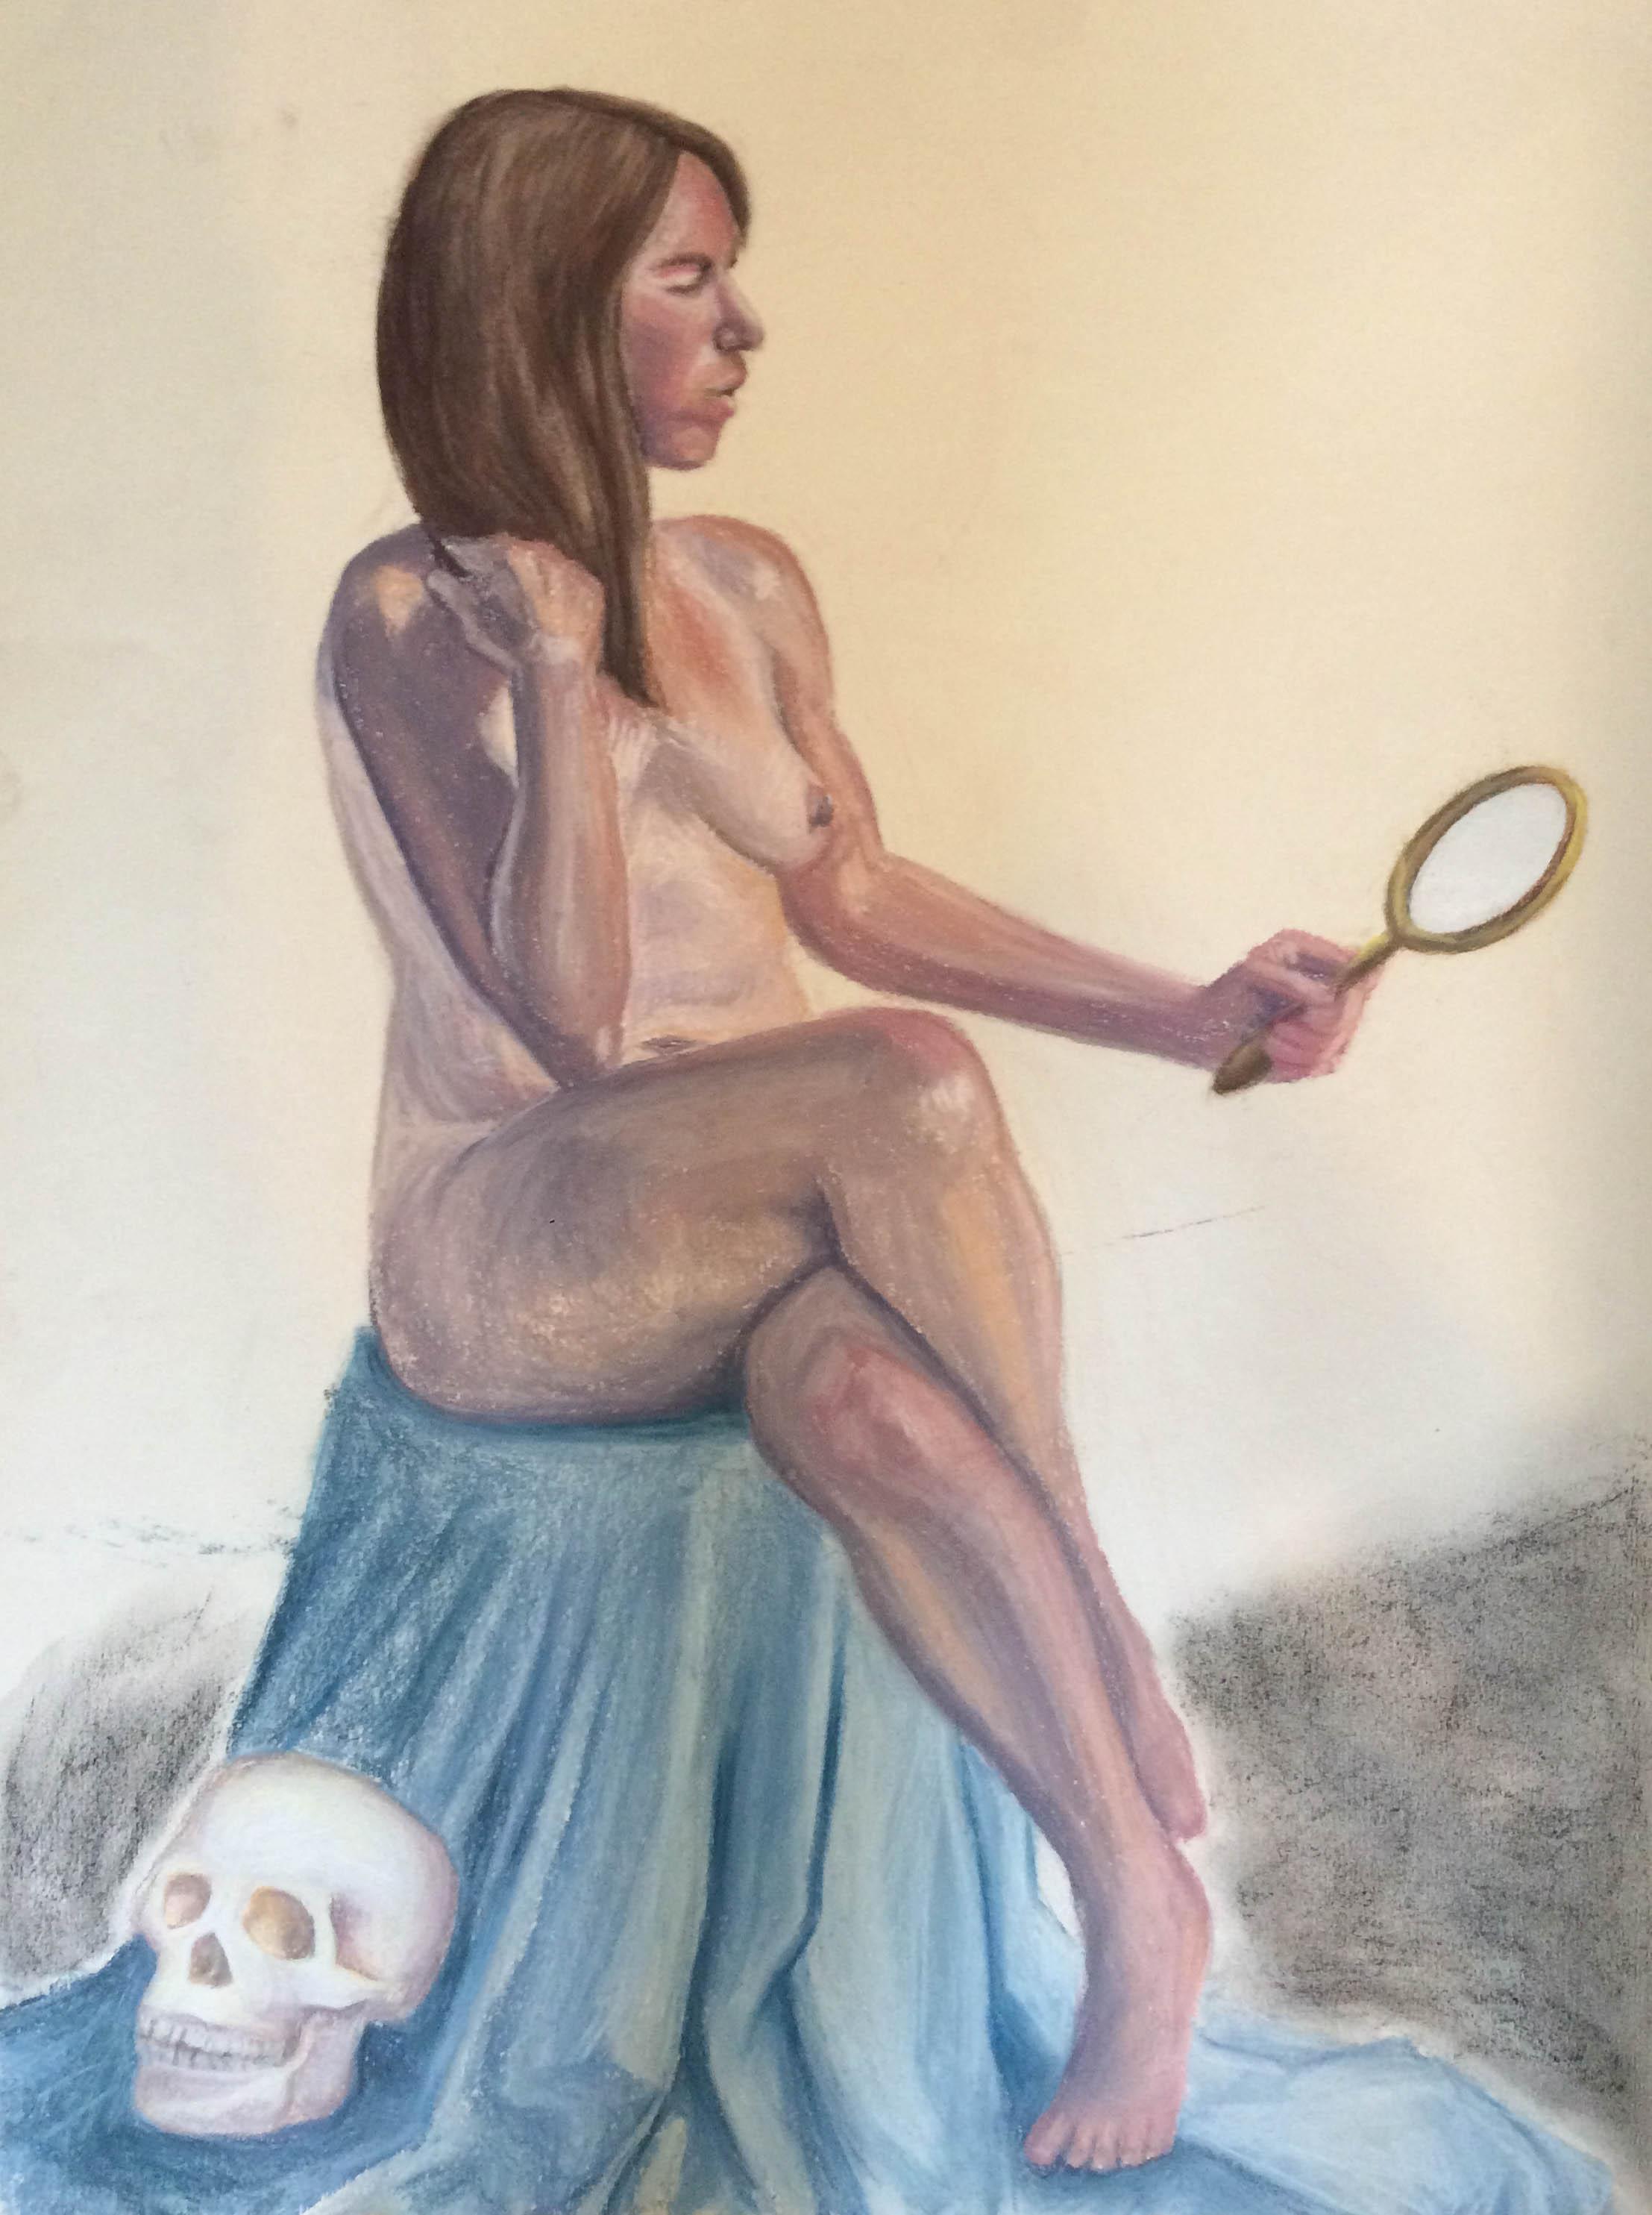 091016 Vanity JanetMirrorSkull